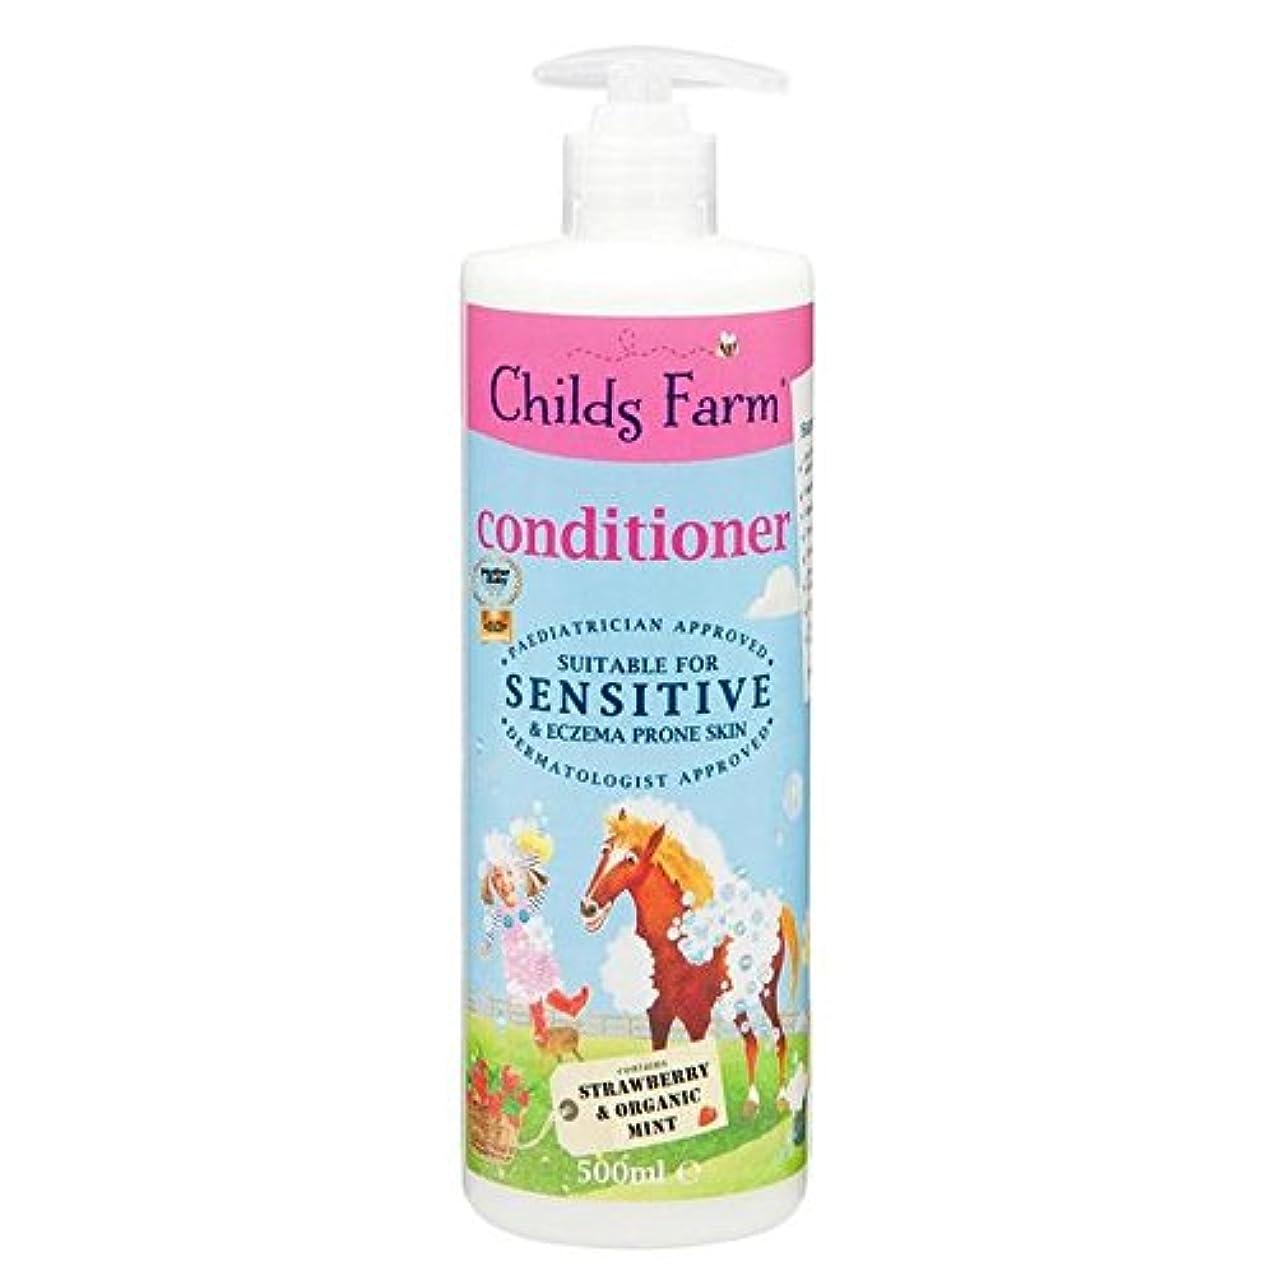 狂ったミュート機動Childs Farm Conditioner for Unruly Hair 500ml - 手に負えない髪の500ミリリットルのためのチャイルズファームコンディショナー [並行輸入品]